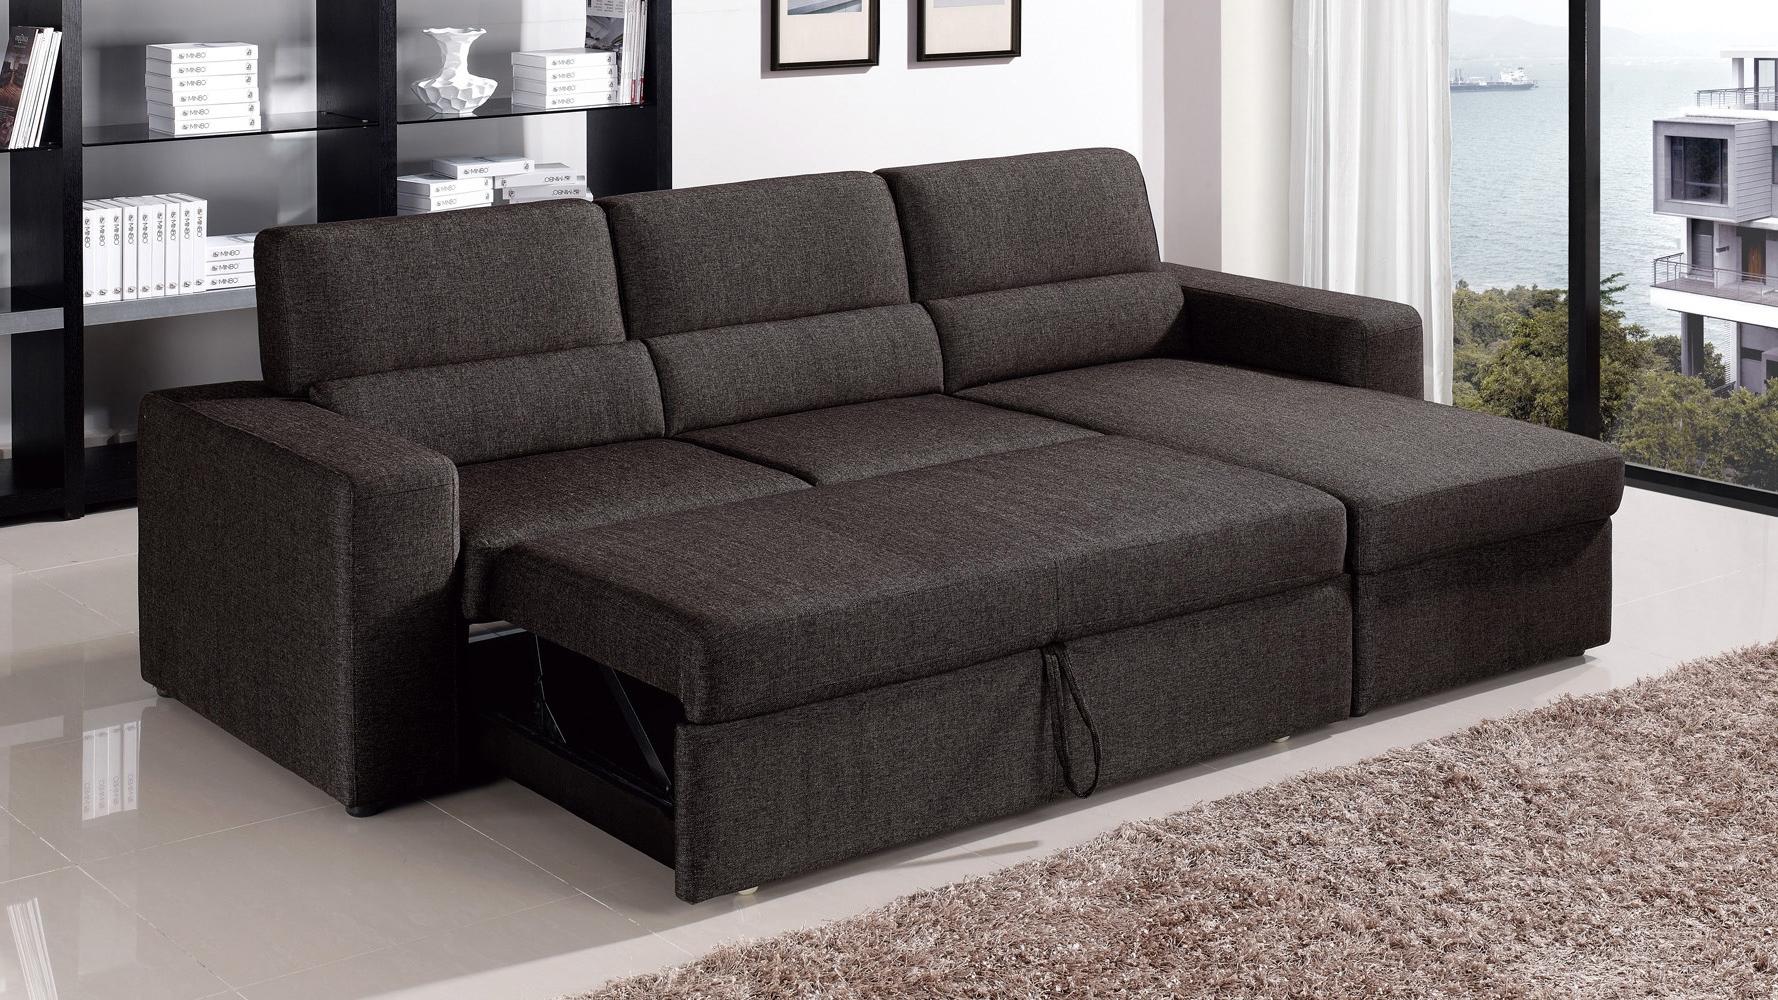 Zuri Furniture (View 2 of 15)